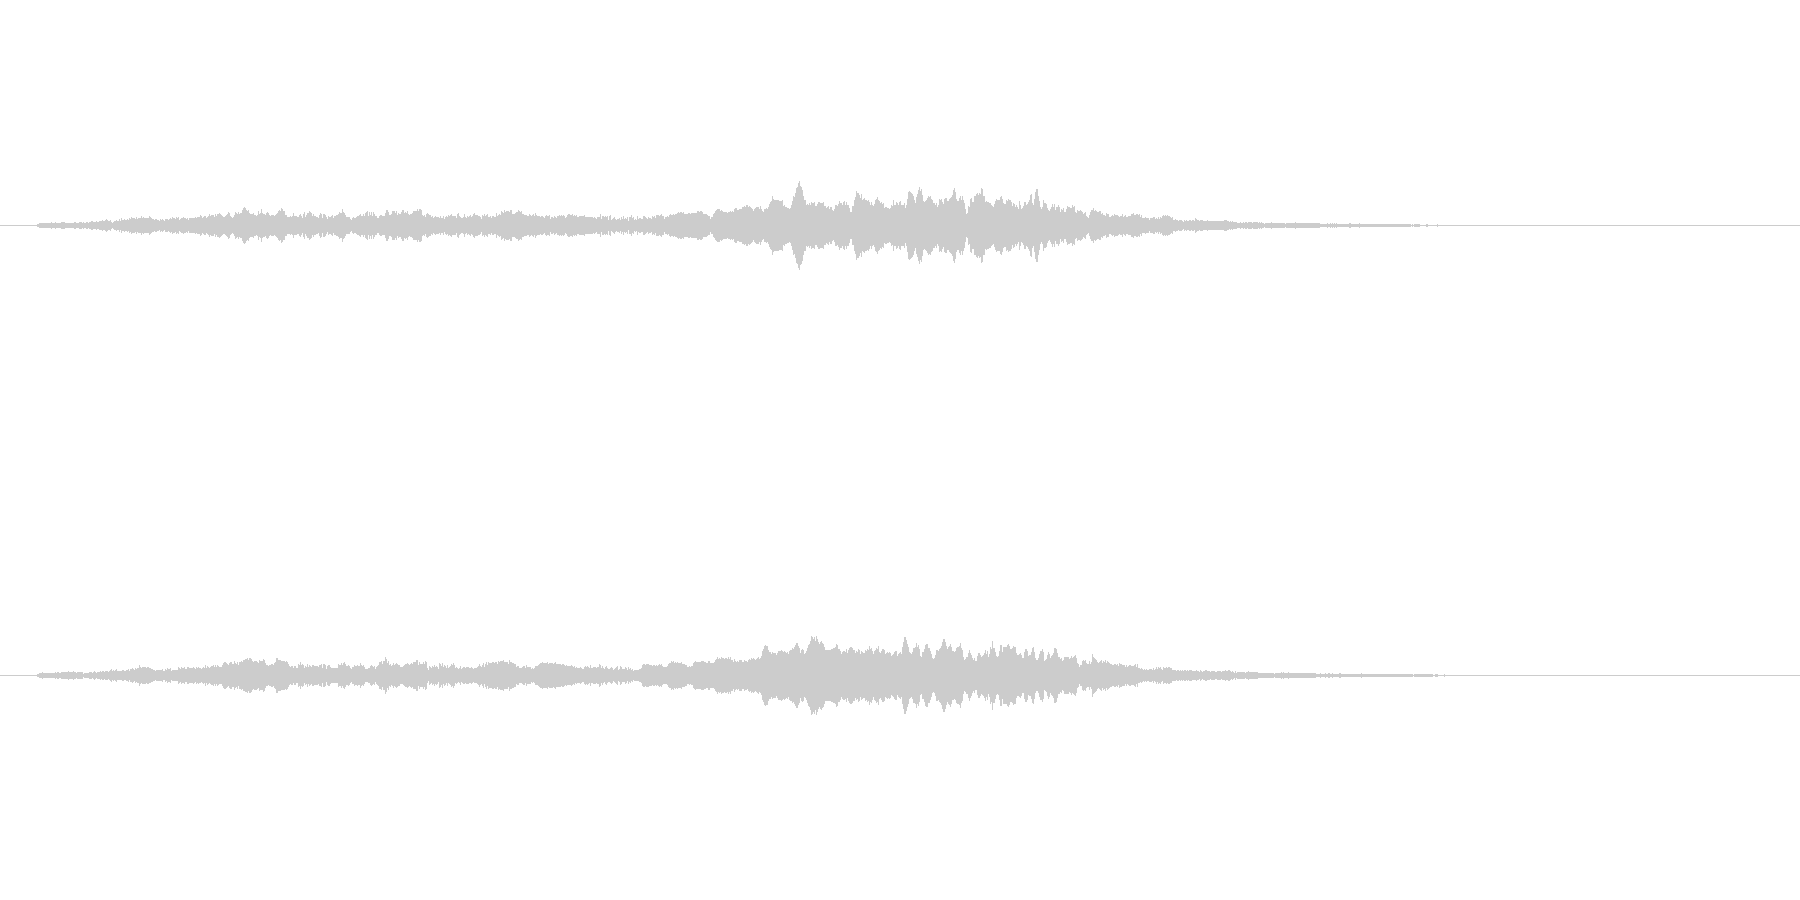 女性コーラスのジングル/アイキャッチの未再生の波形